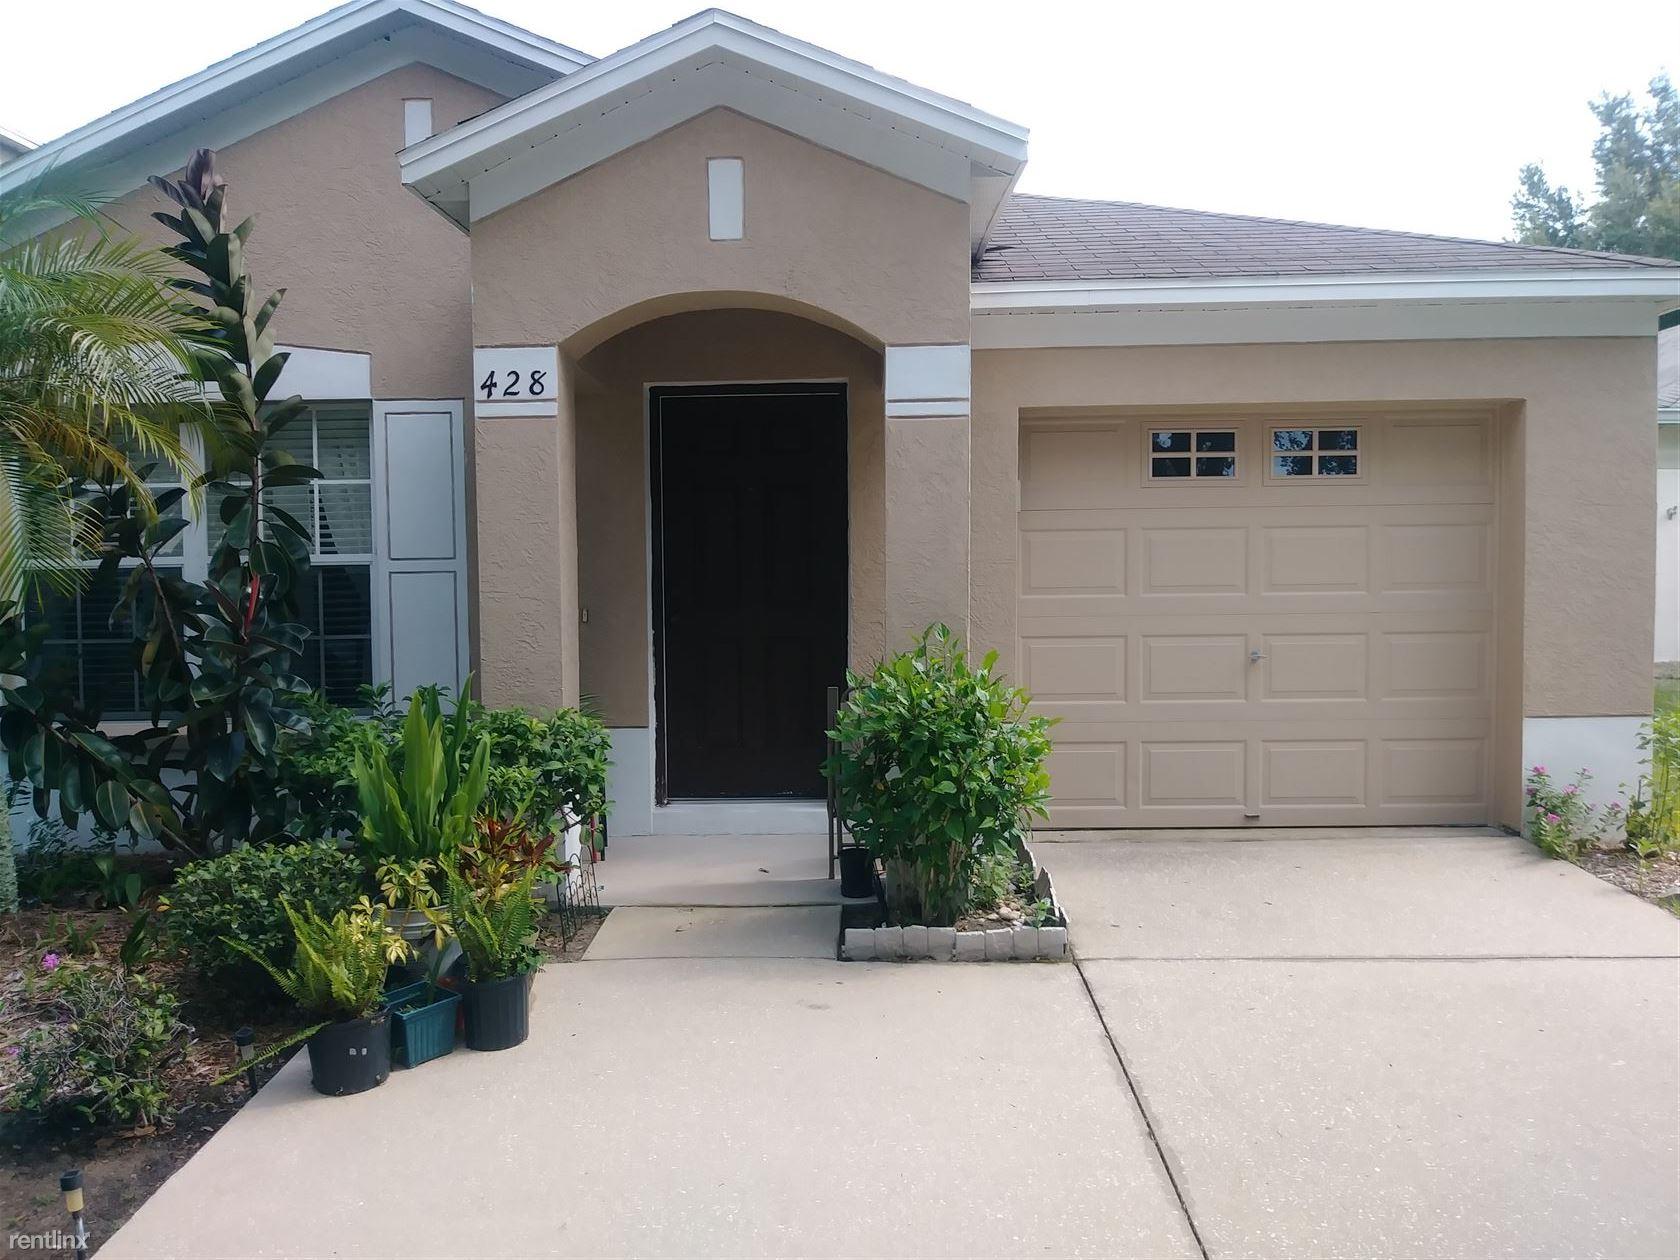 428 Maple Pointe Dr, Seffner, FL - $399 USD/ month